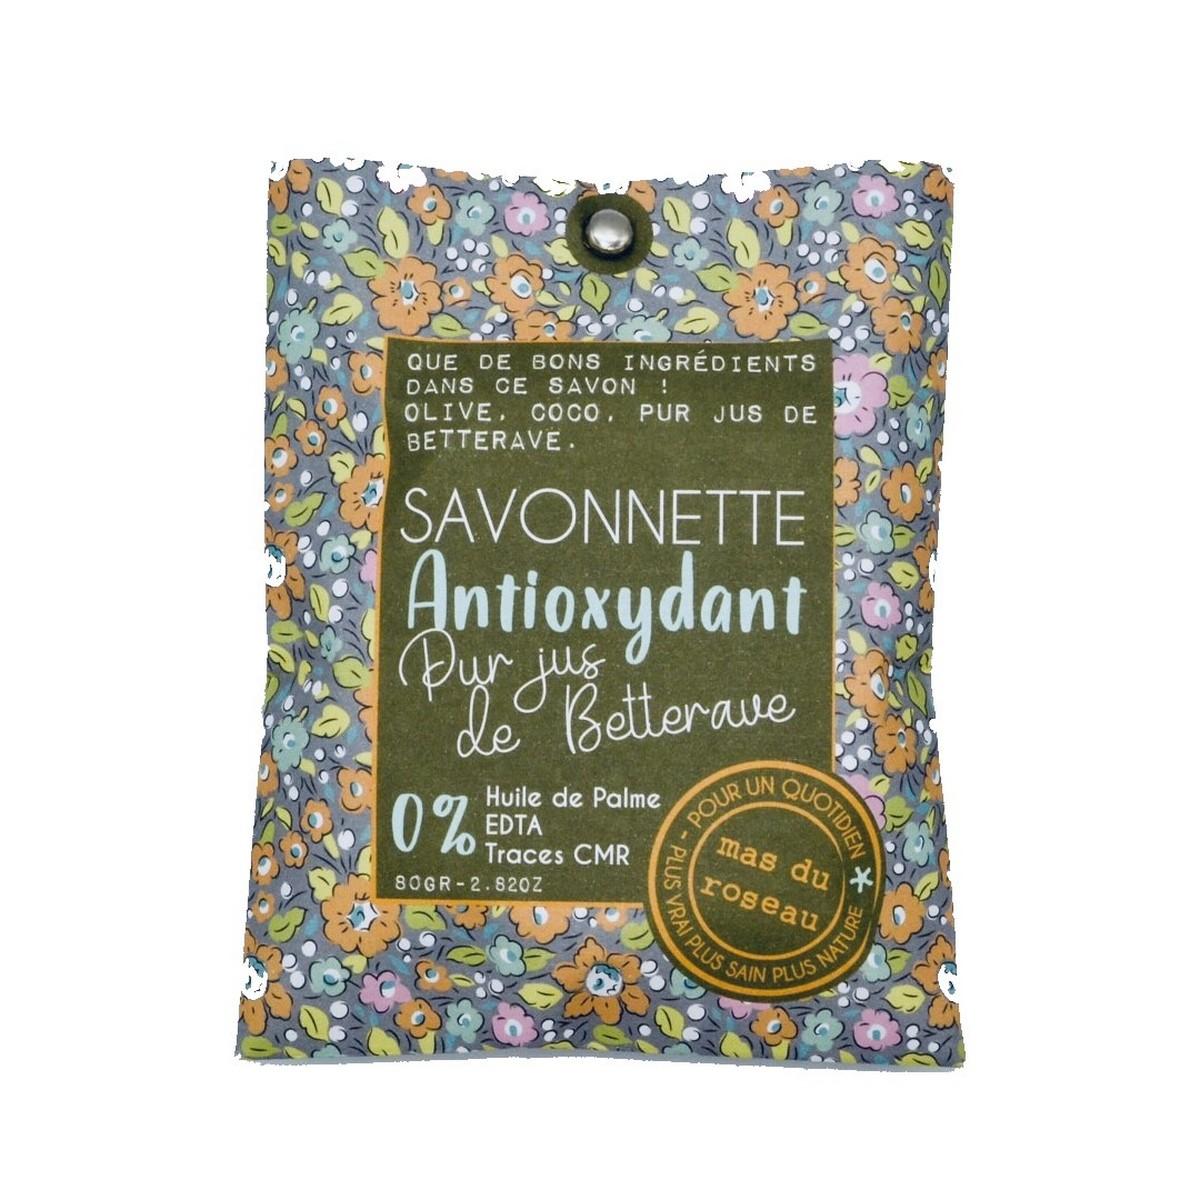 Savonnette eco-friendly Antioxydant au pur jus de betterave